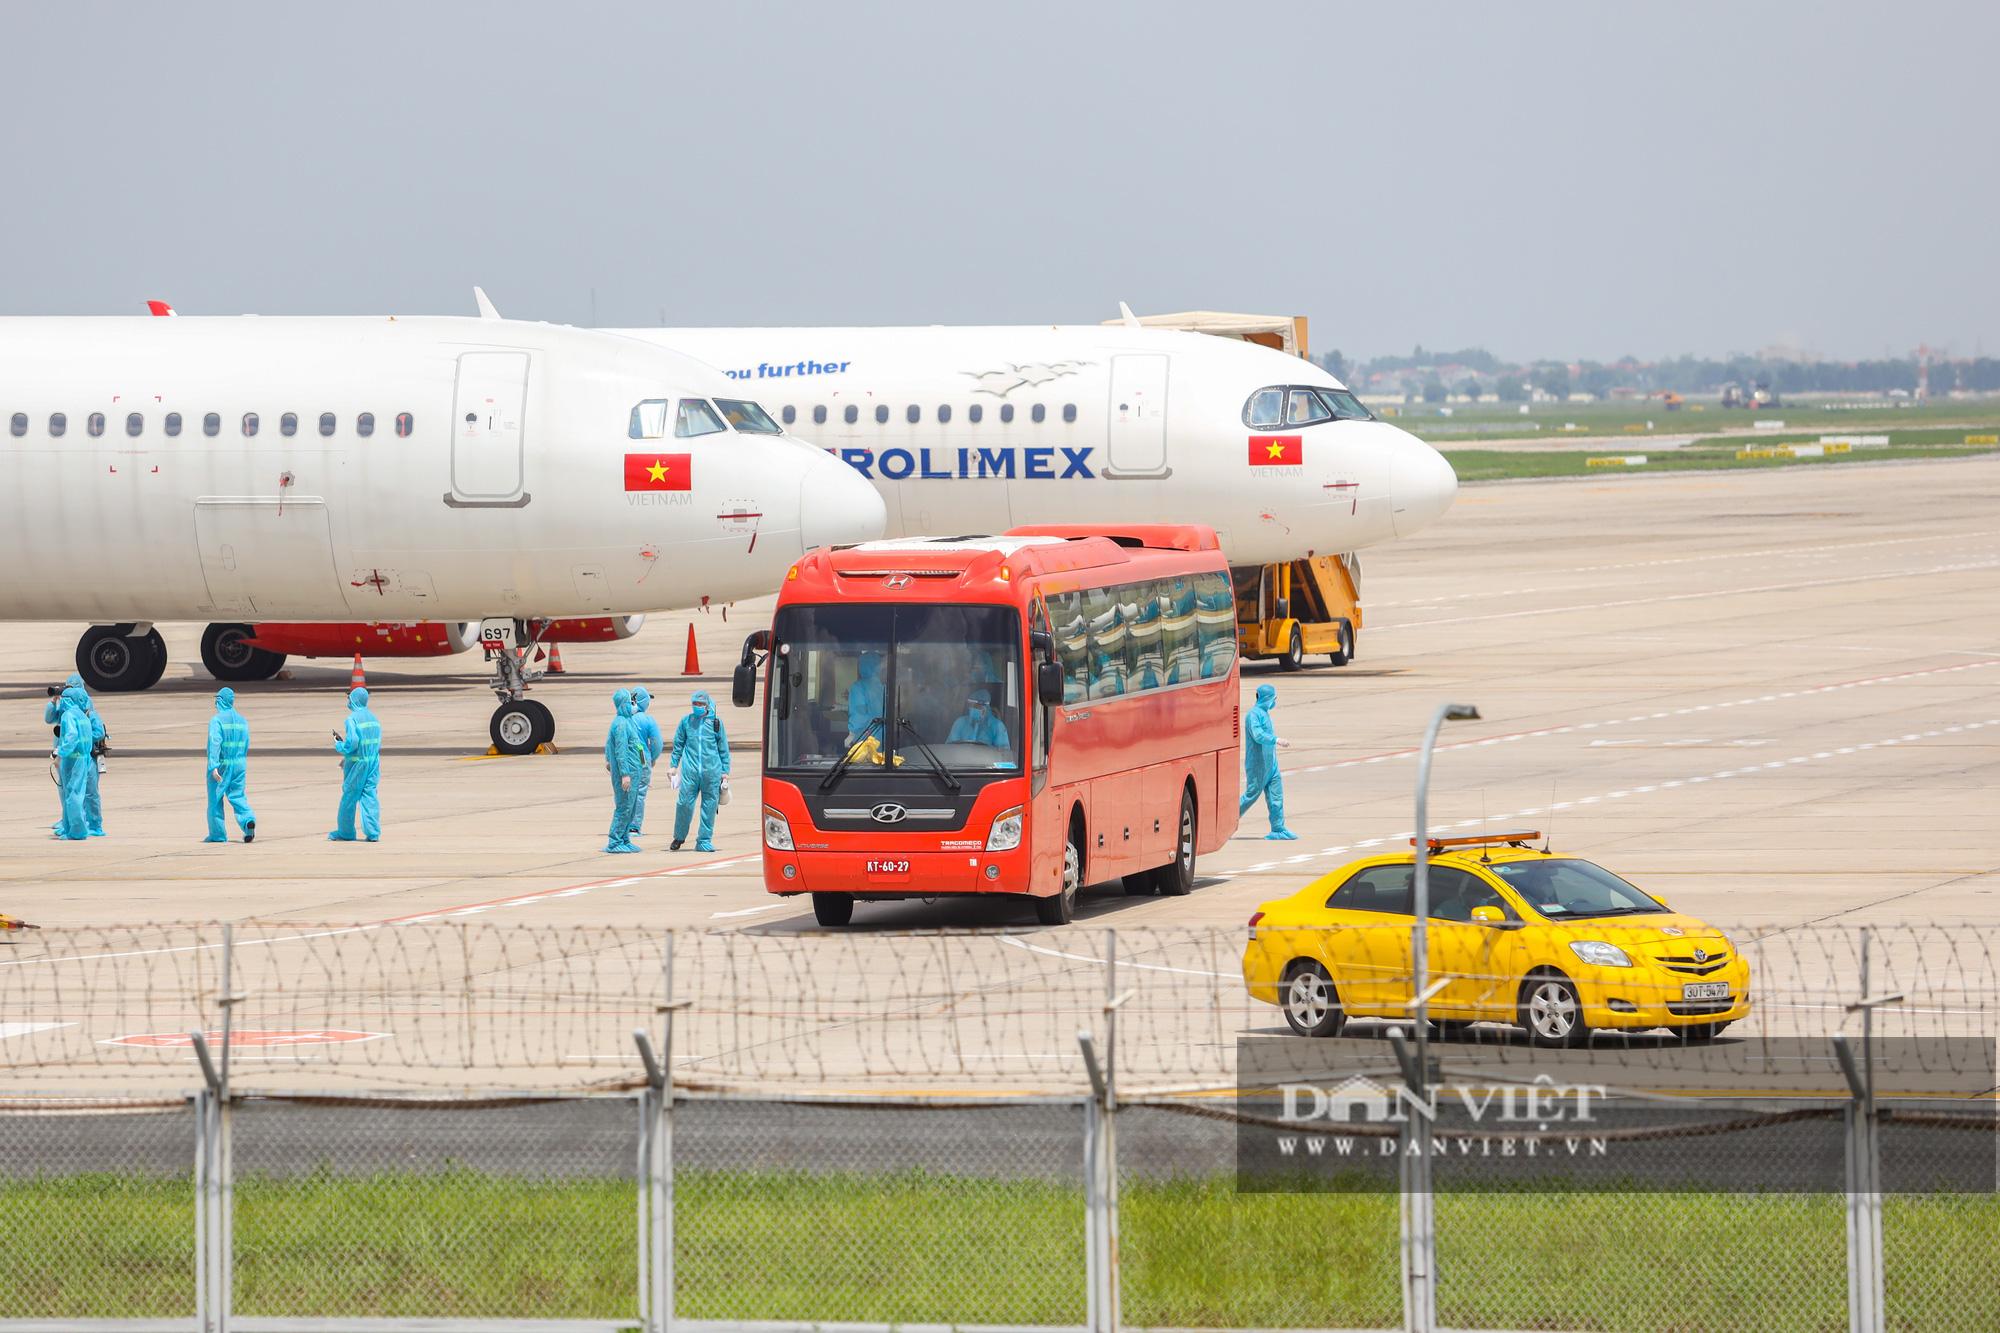 Chuyến bay đặc biệt đưa 207 người mắc kẹt ở Đà Nẵng về Hà Nội - Ảnh 11.